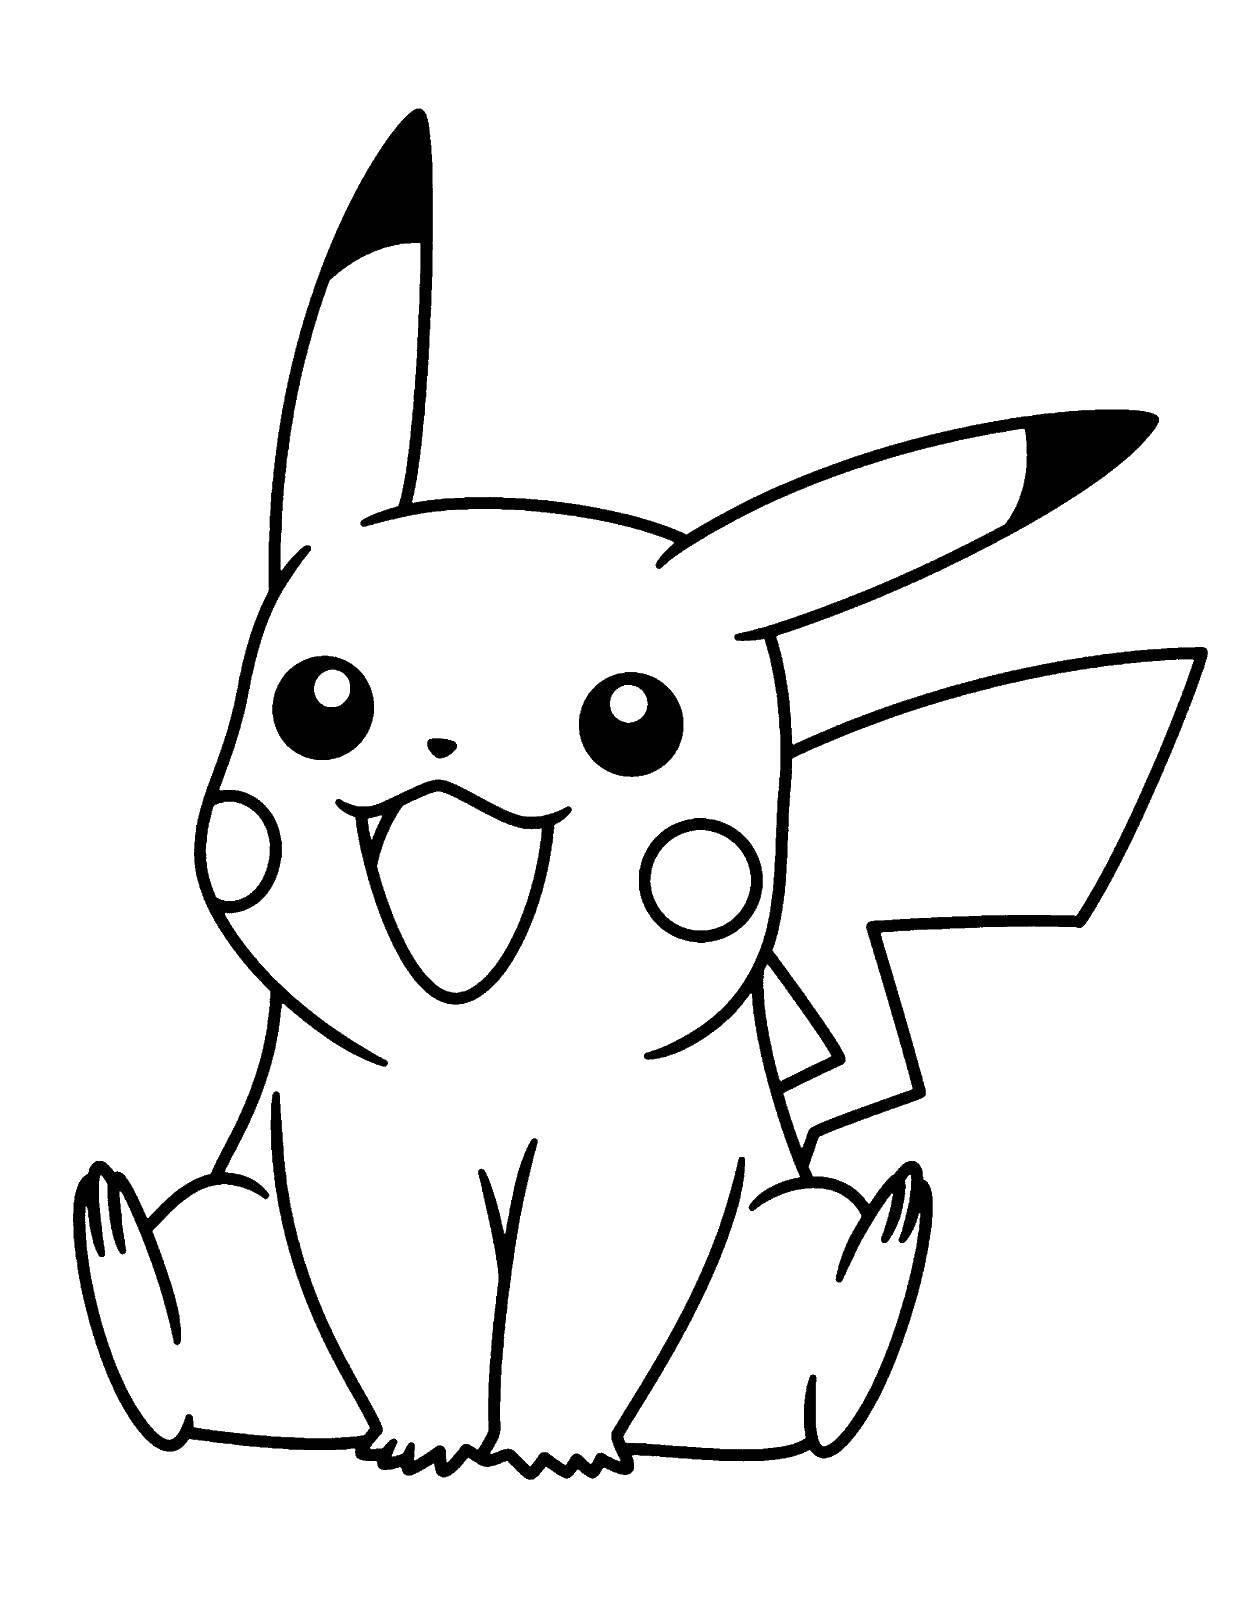 Раскраска Милый пикачу Скачать покемоны, мультфильмы, Пикачу.  Распечатать ,Покемоны,